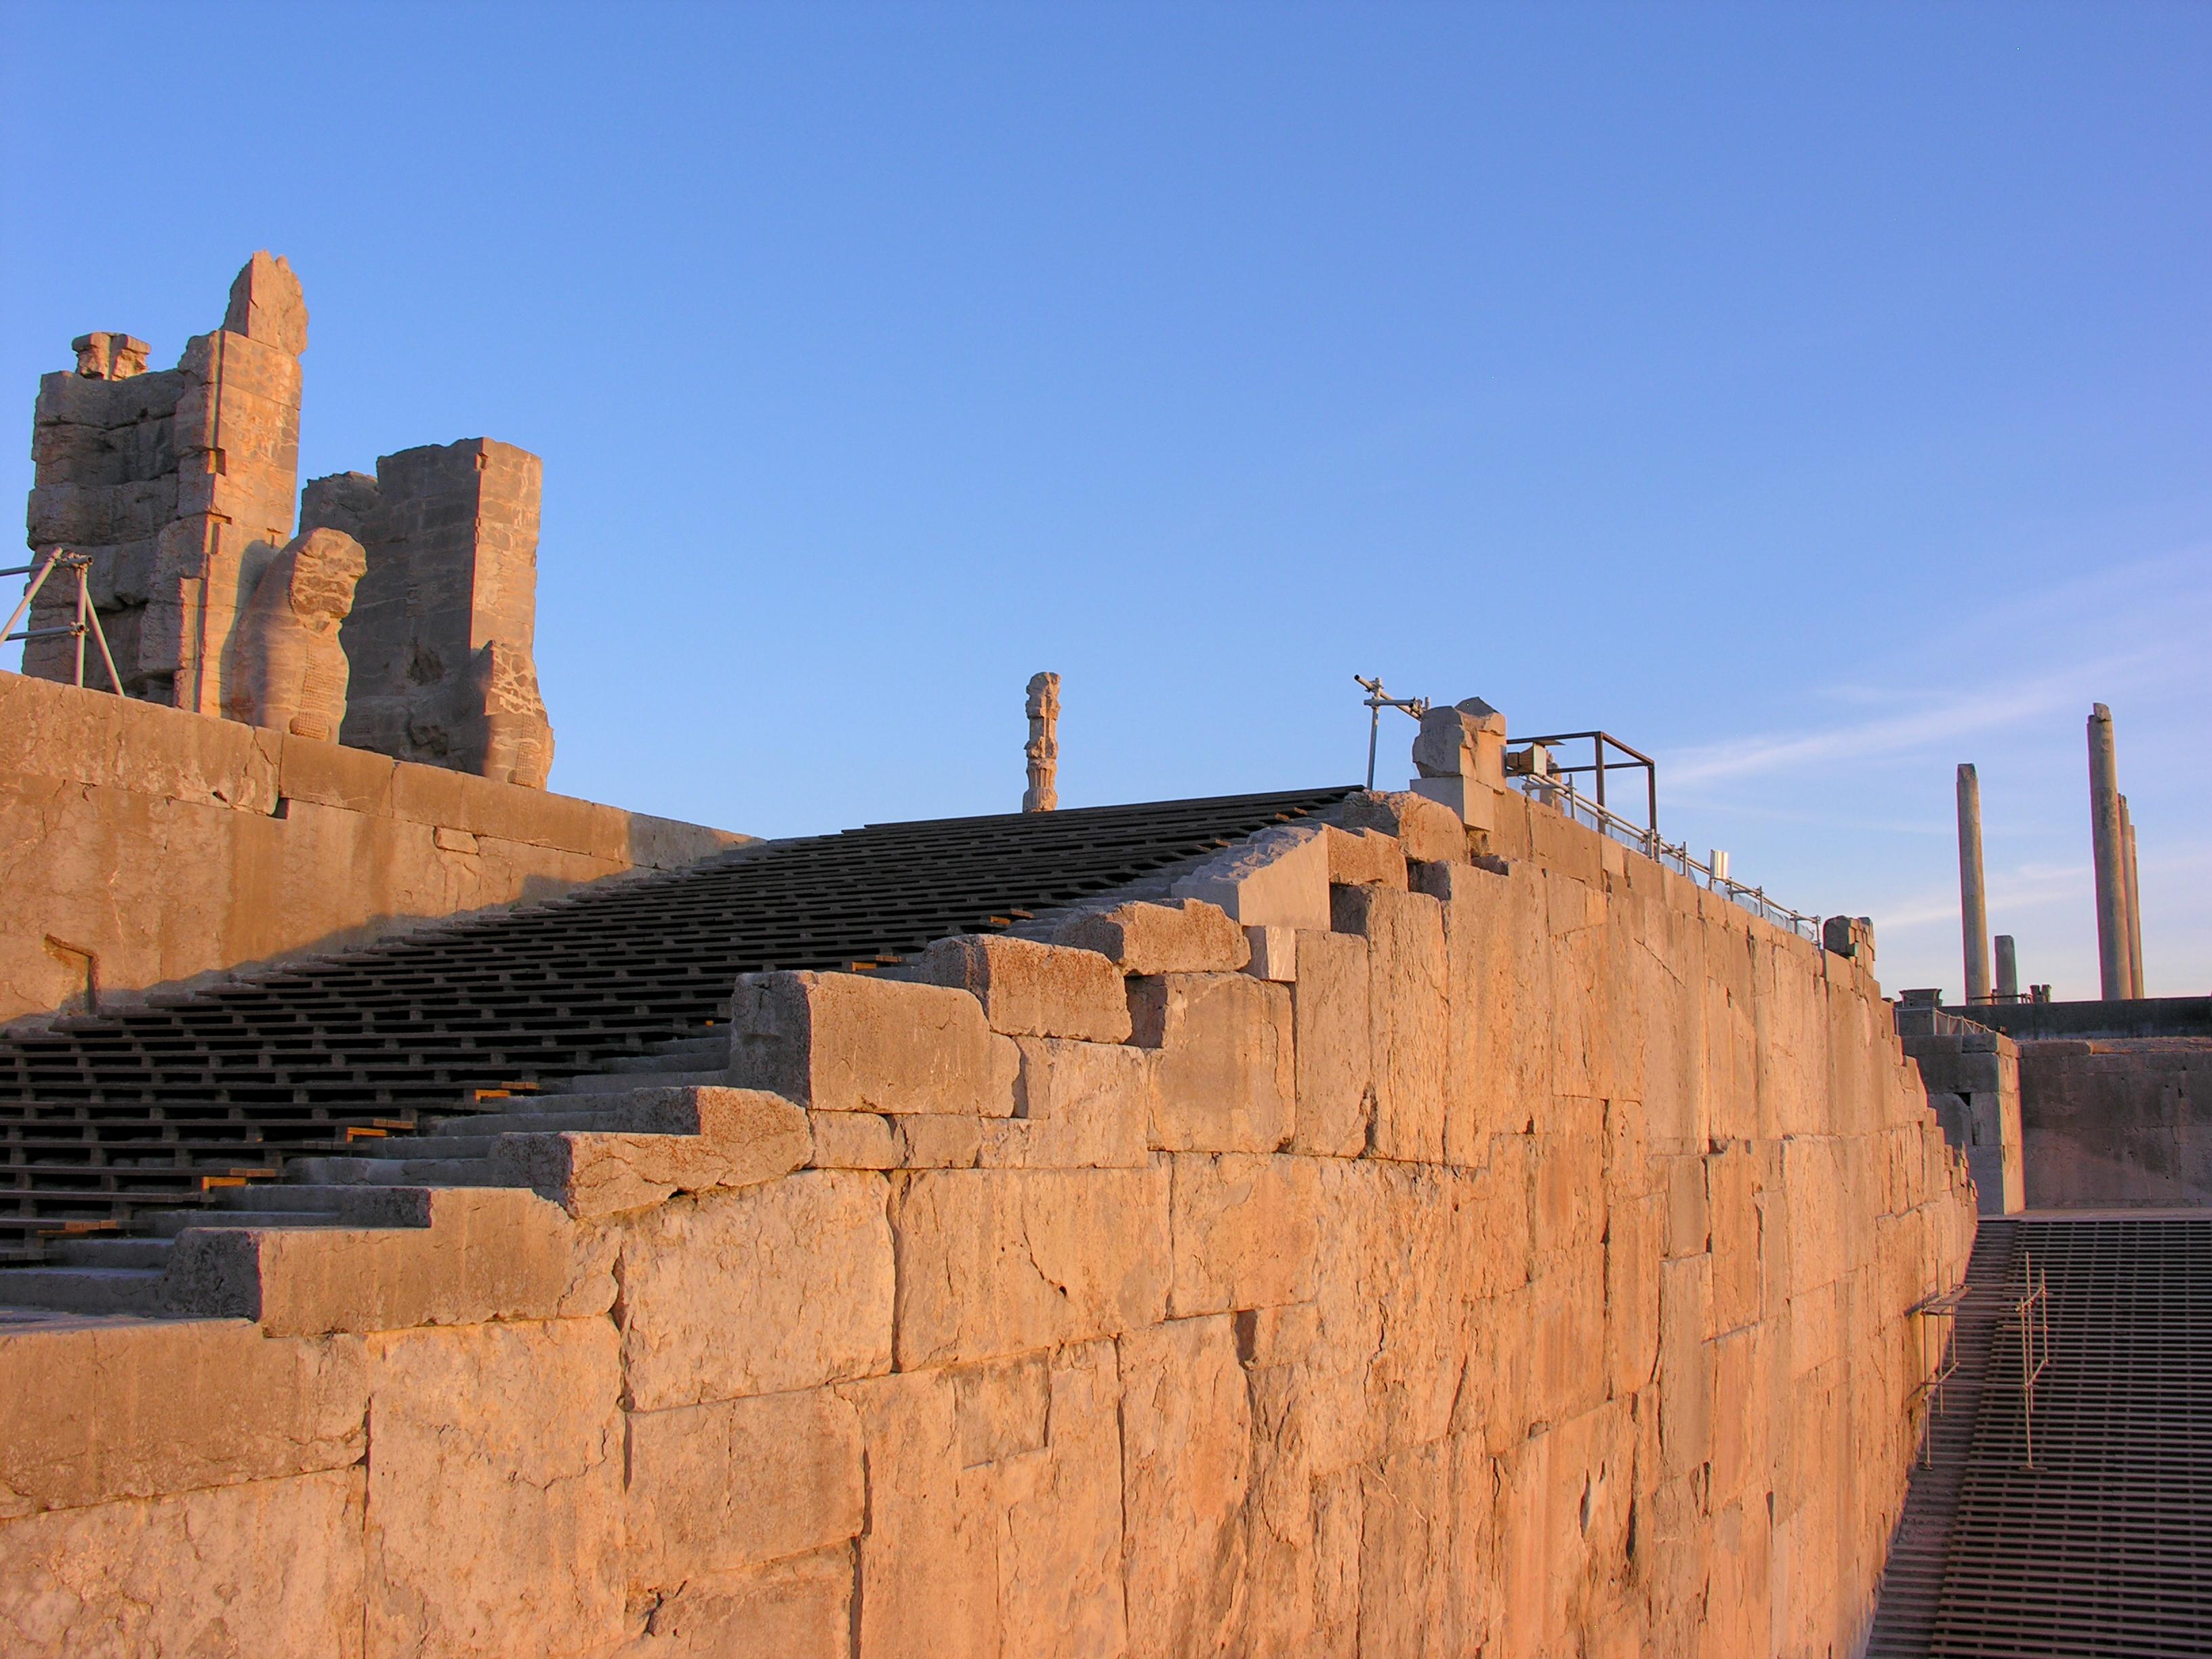 Persepolis 24.11.2009 13-12-47.jpg